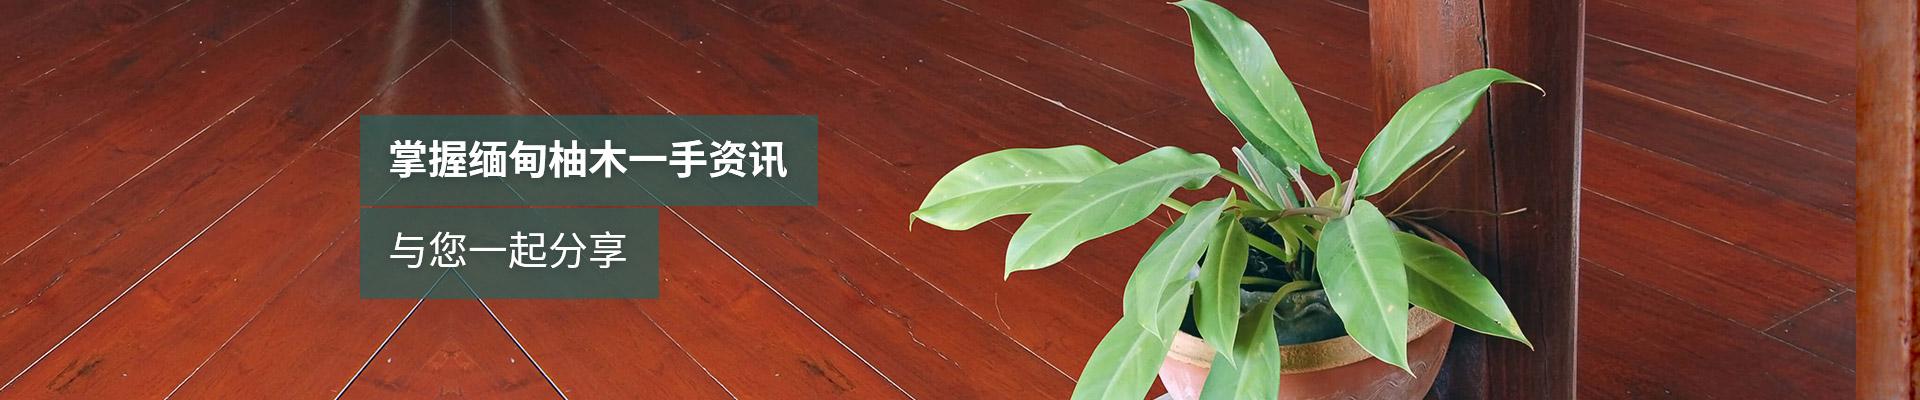 德福林:掌握缅甸柚木一手资讯,与您一起分享